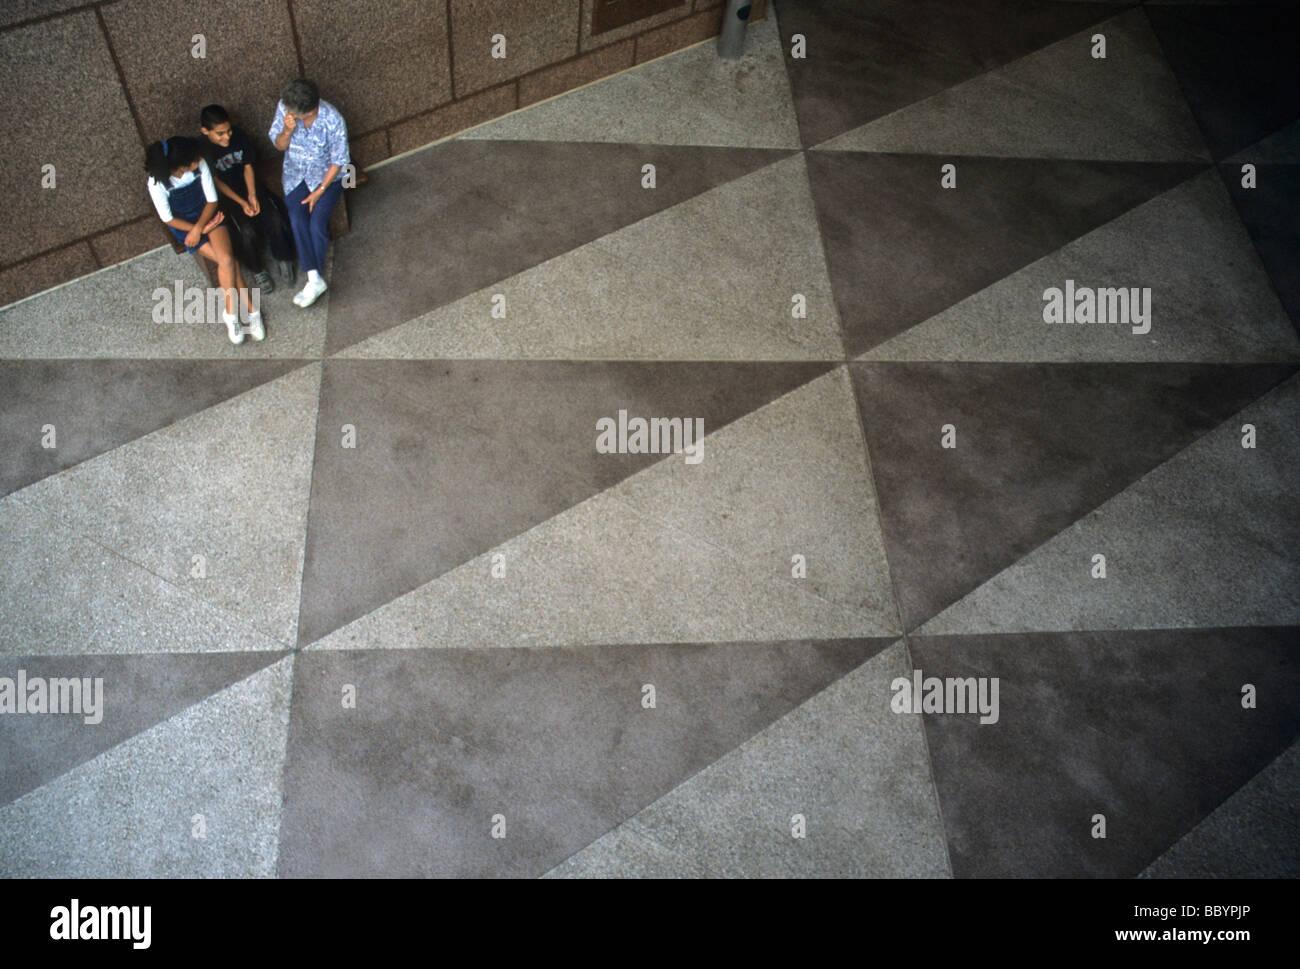 Triangle math geometry floor terrazo tile pattern shape people sit ...